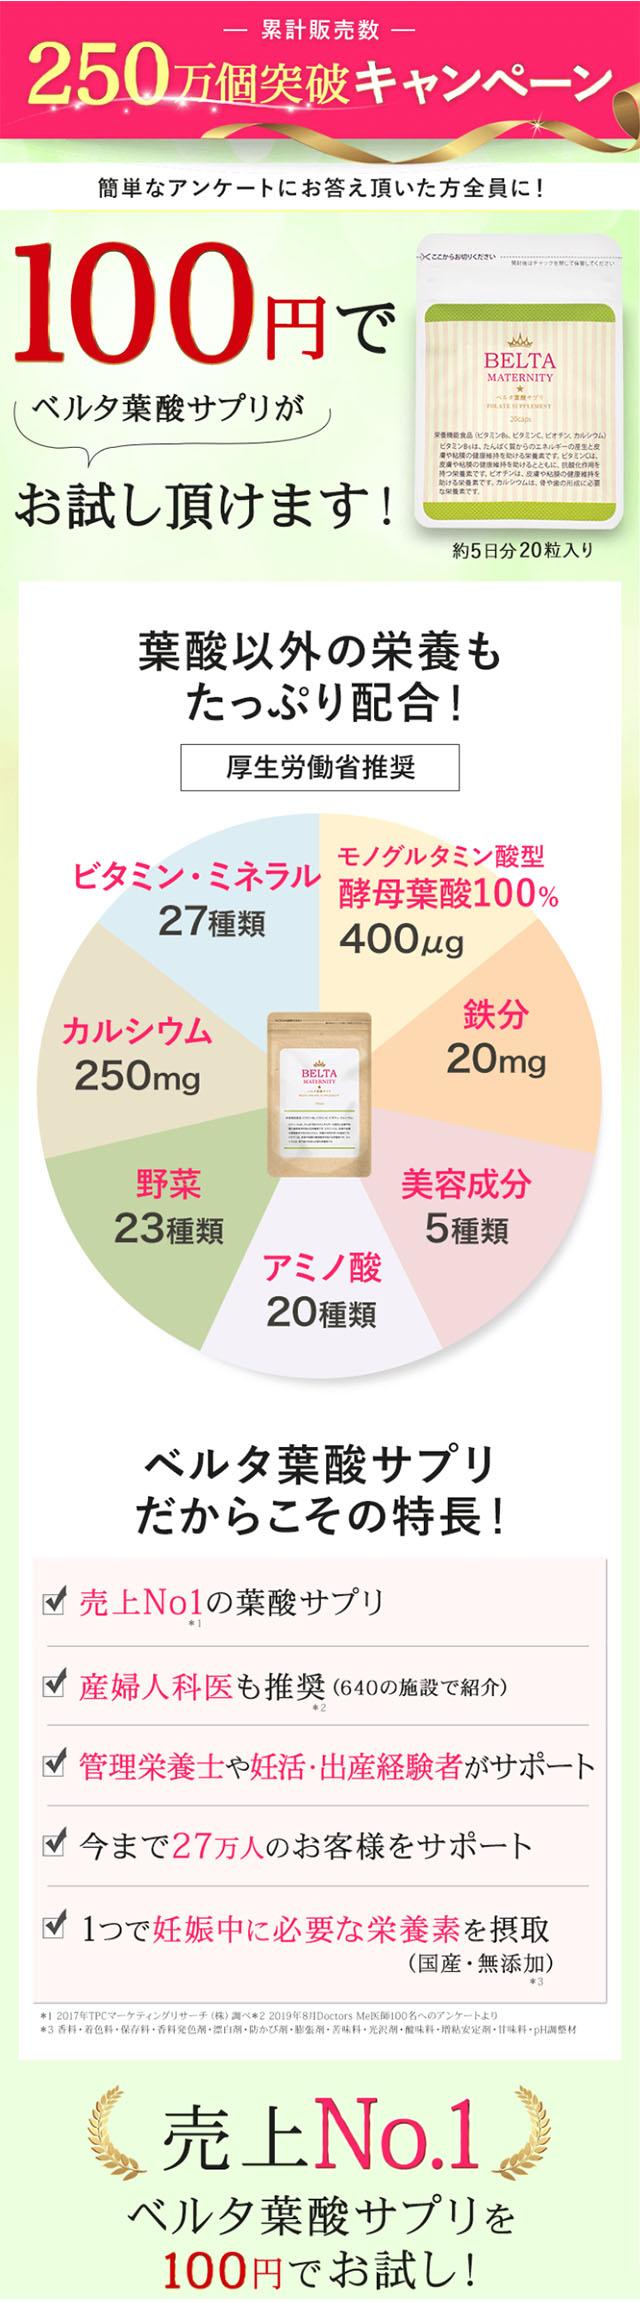 ベルタ葉酸サプリが100円!送料無料!妊活中や妊娠初期のプレママにもおすすめ♪